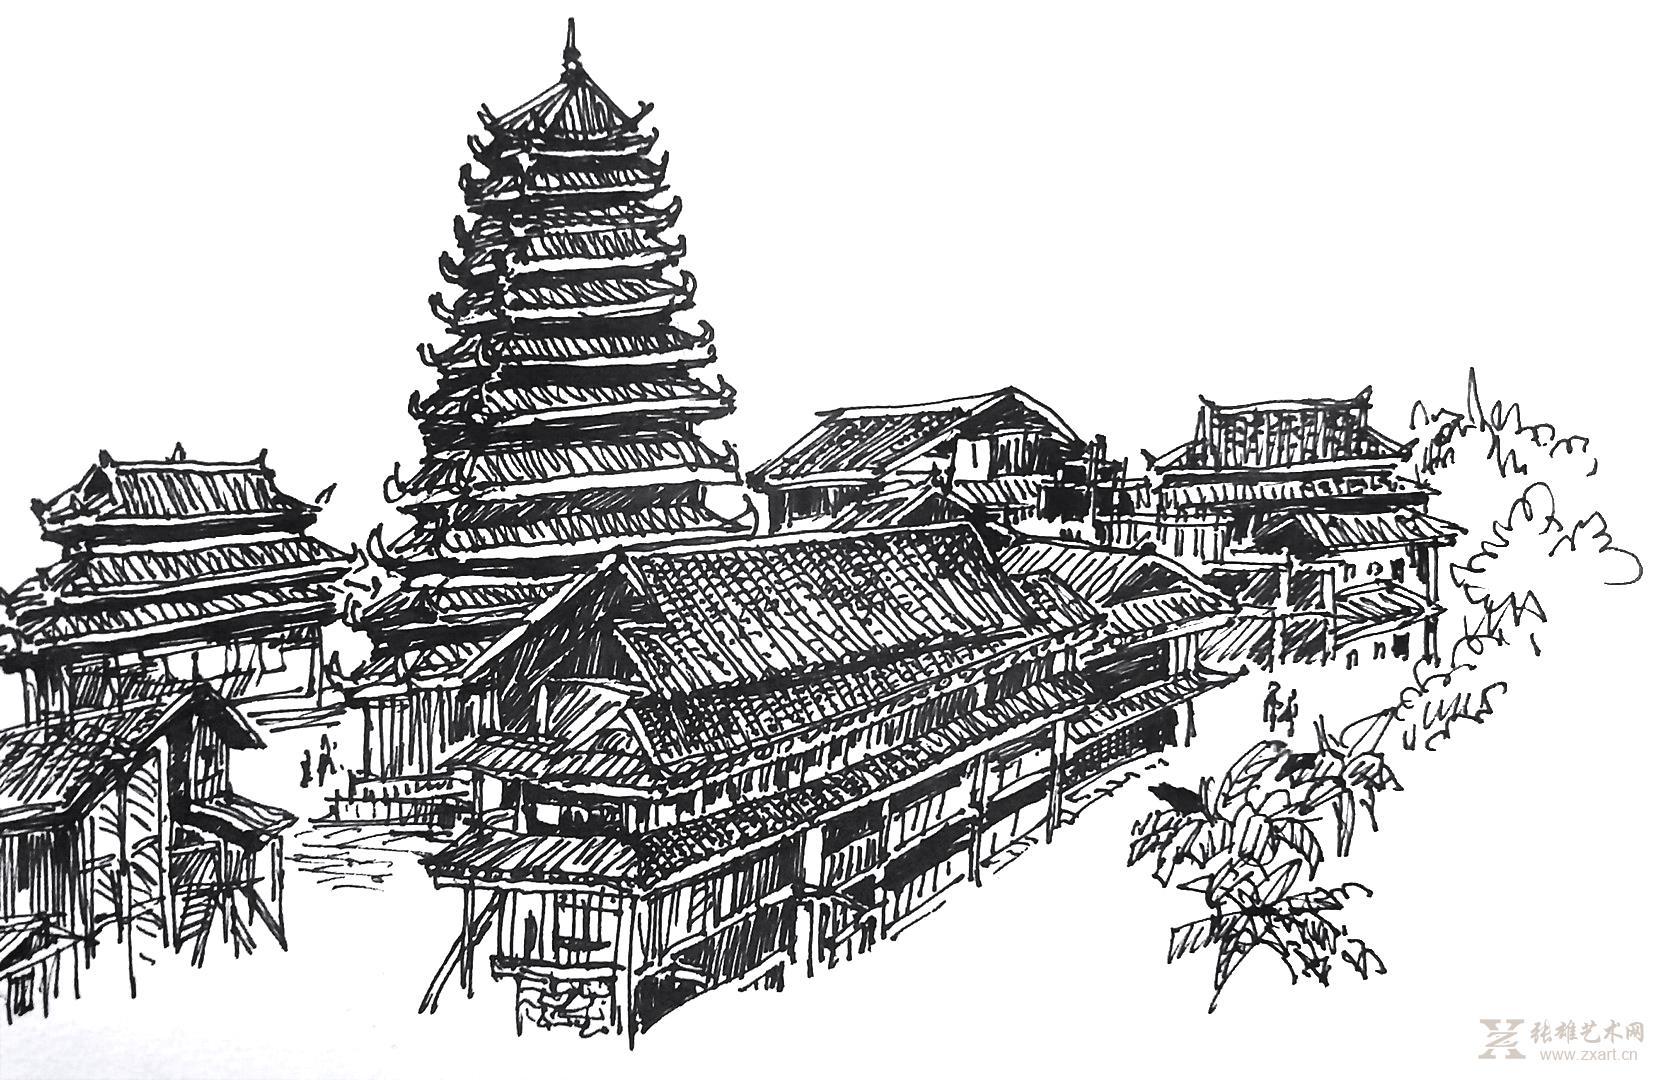 雕塑石雕 西画 水粉水彩 > 三江阳程侗寨鼓楼 写生   商品详细商品